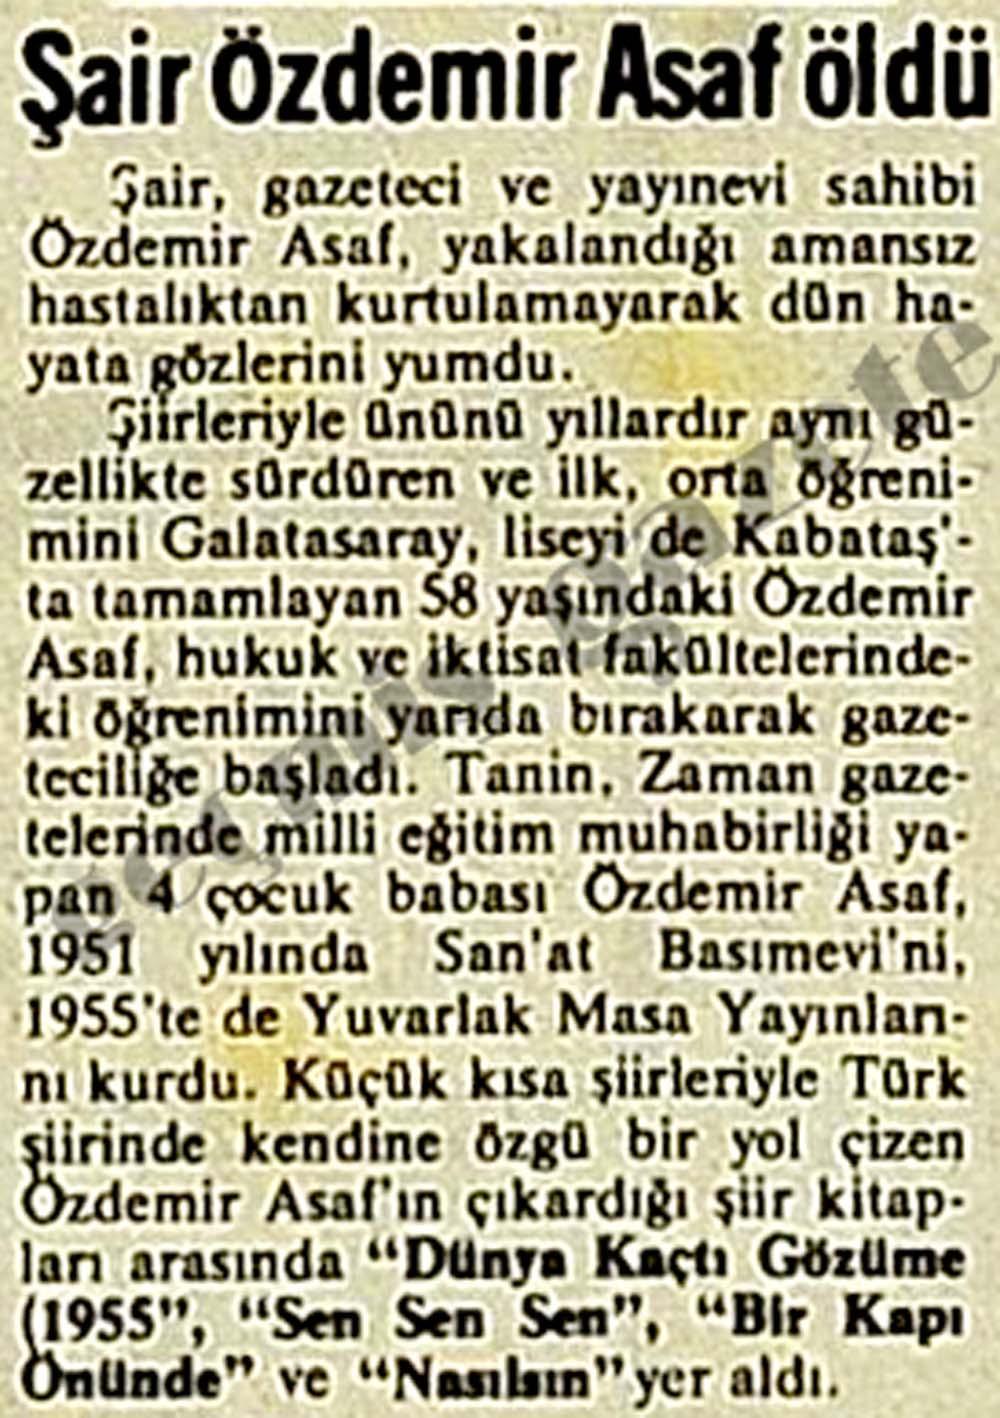 Şair Özdemir Asaf öldü